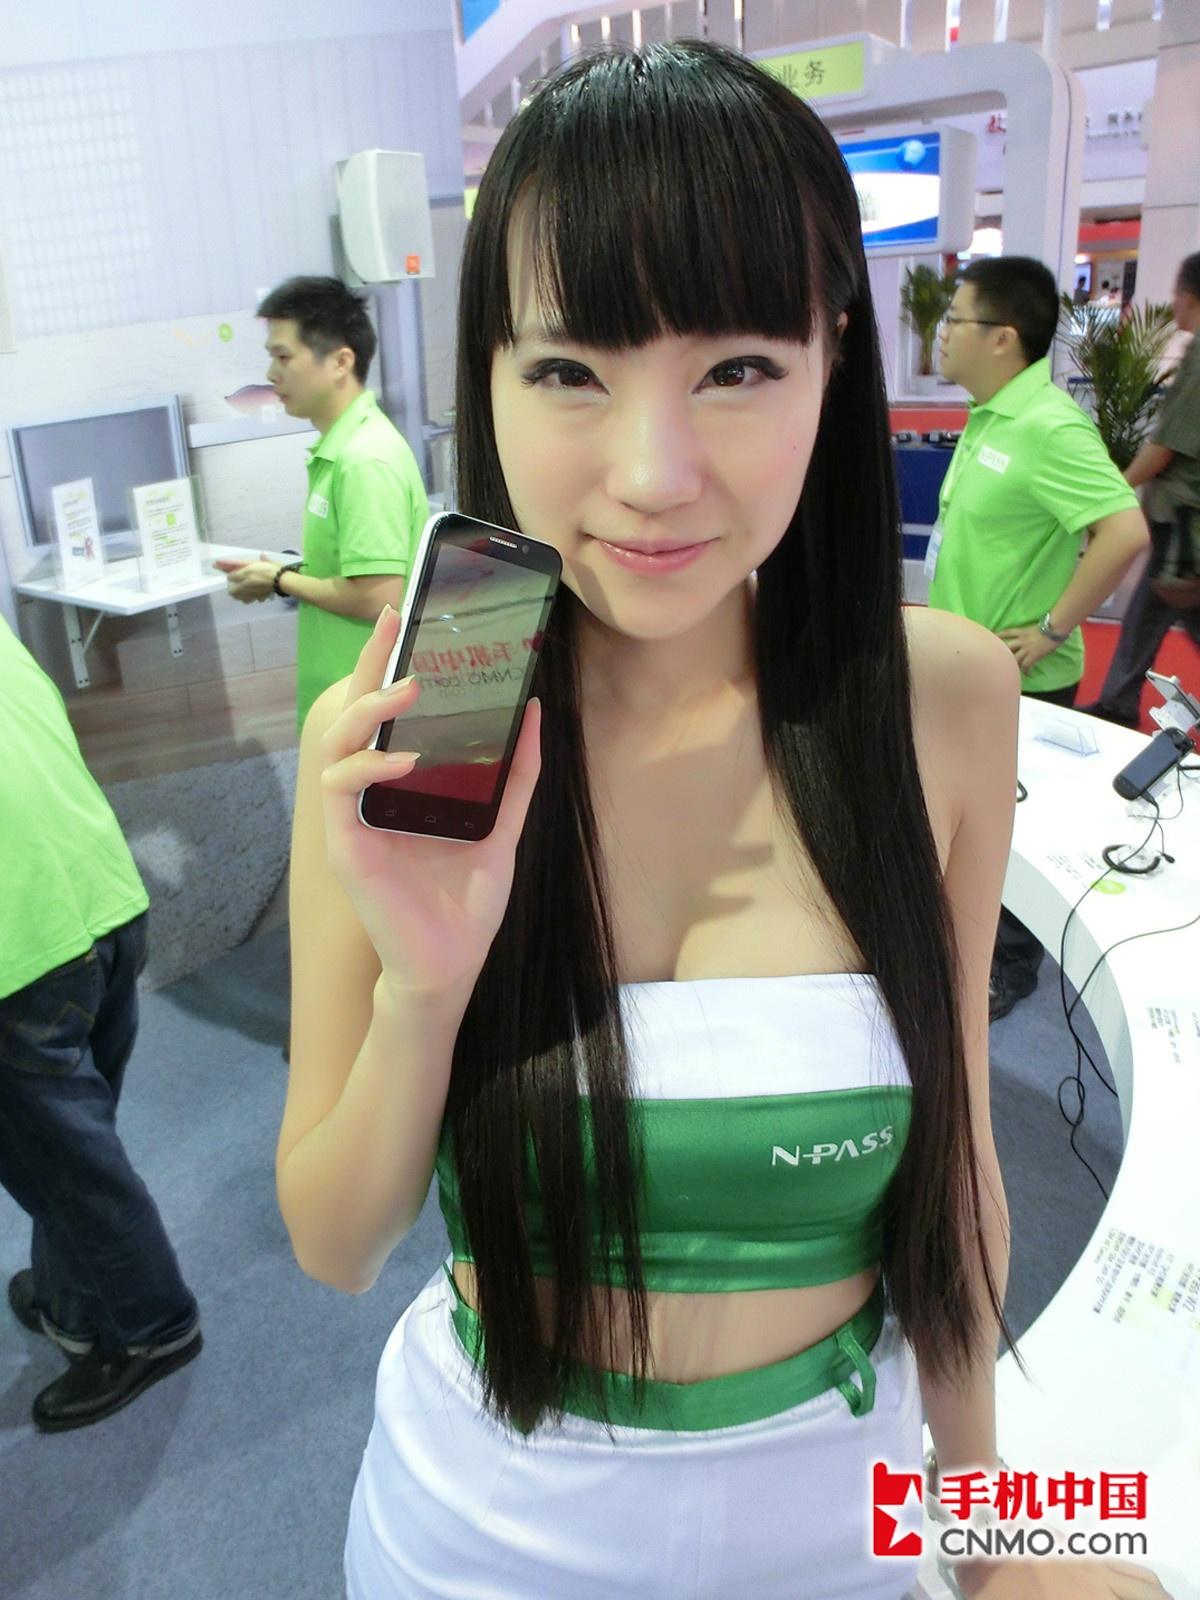 美女展示 2012通信展:齐刘海水蛇腰长发